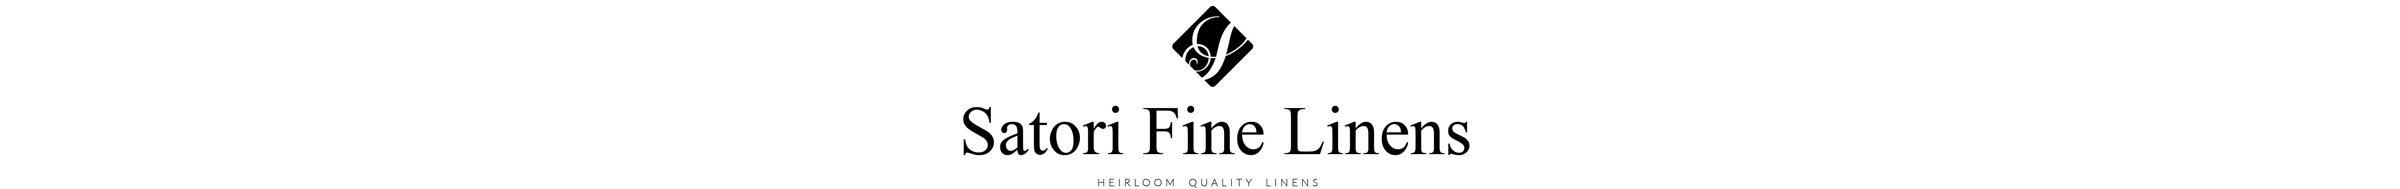 Satori Fine Linens